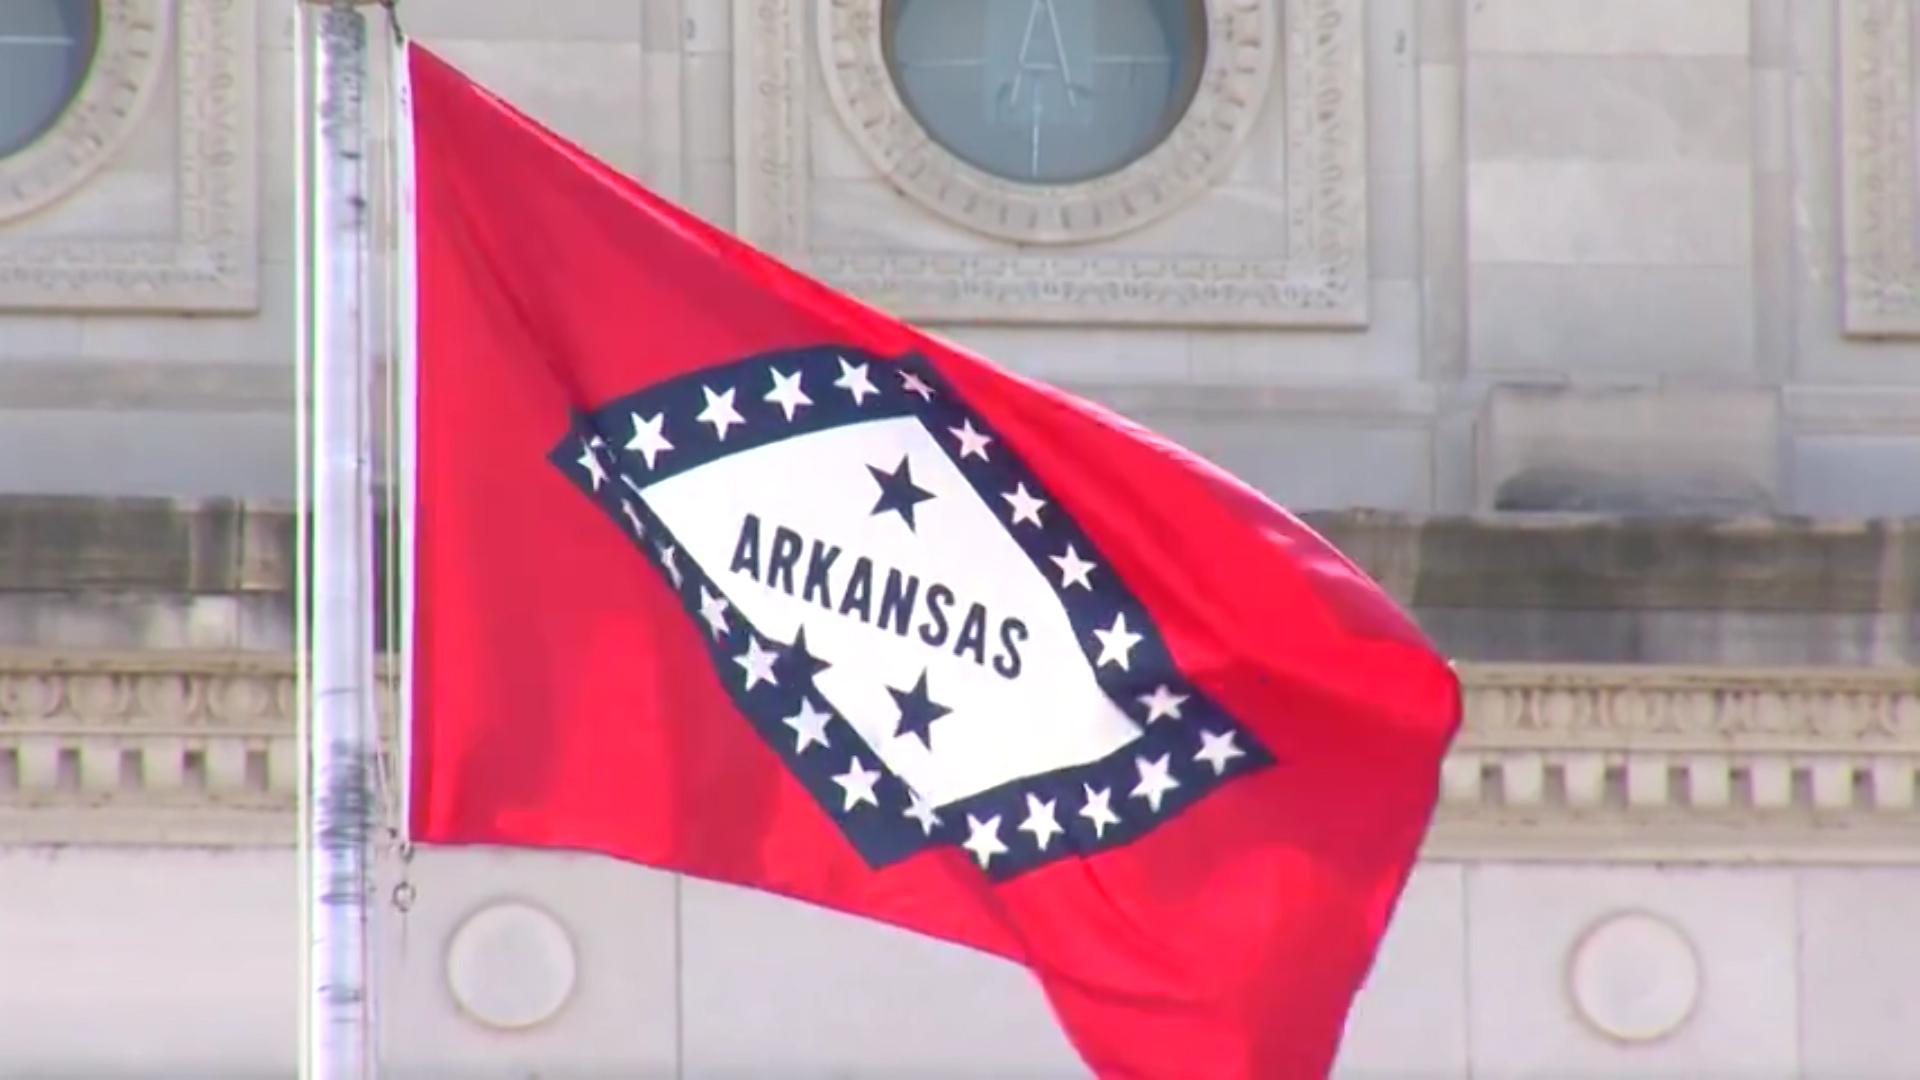 military arkansas flag_1515708749465.jpg.jpg